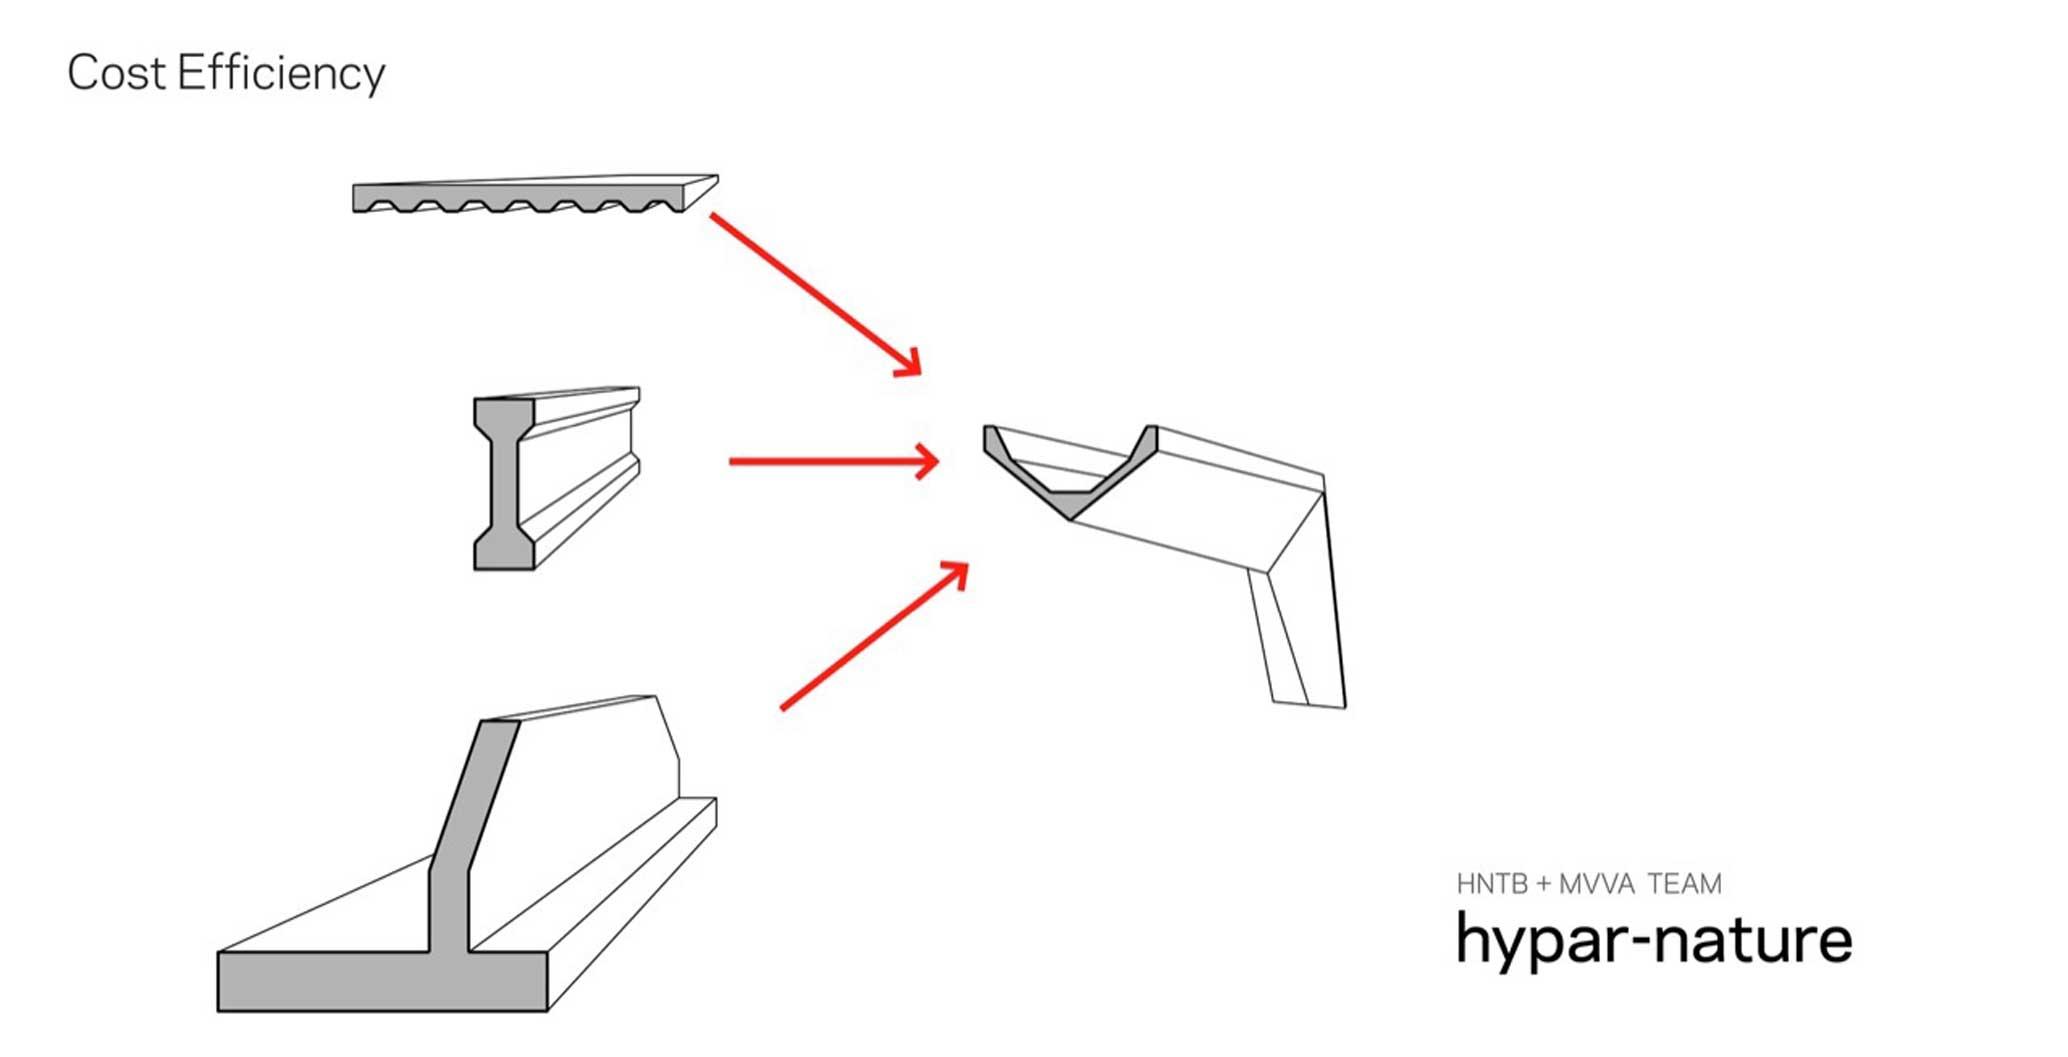 Hypar-Nature. Image: Michael Van Valkenburgh Associates and HNTB